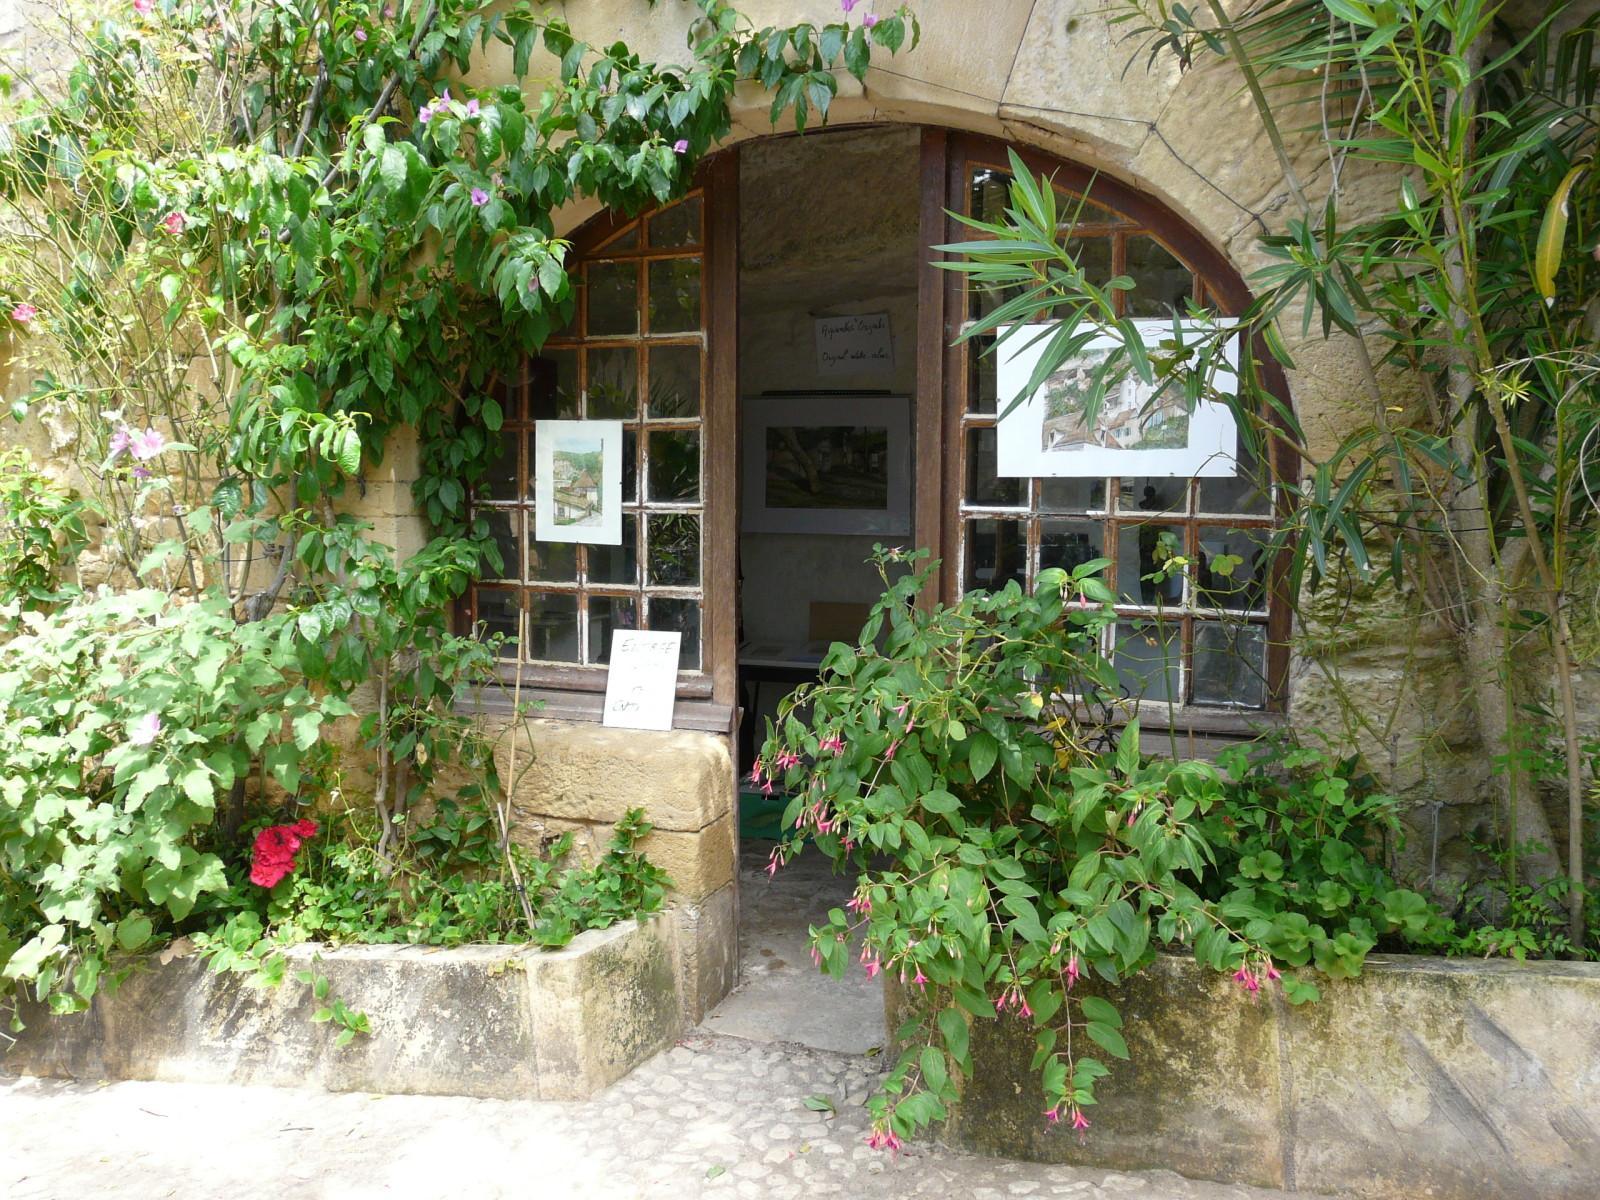 Actualité de Ruiz Marie Sculpteur Réouverture de l'atelier andalou à La Roque Gageac ,Dordogne..